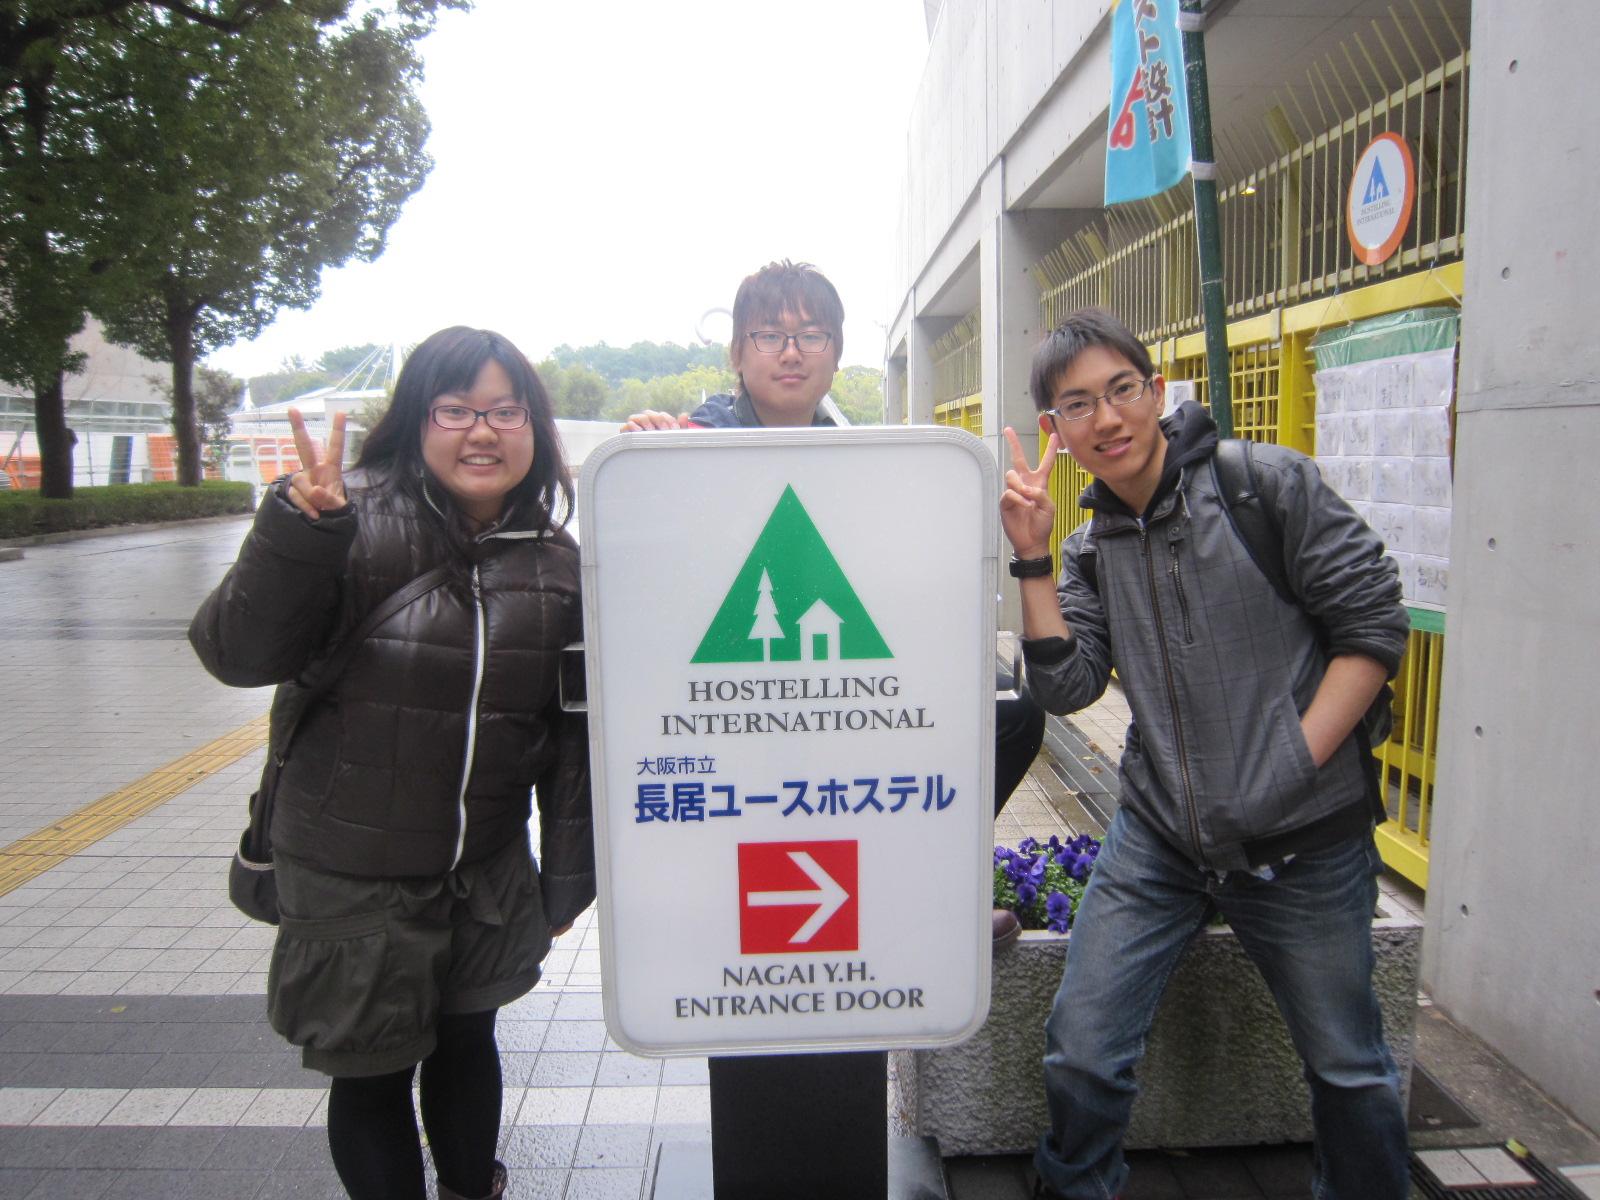 全コン 2011 長大集合写真!